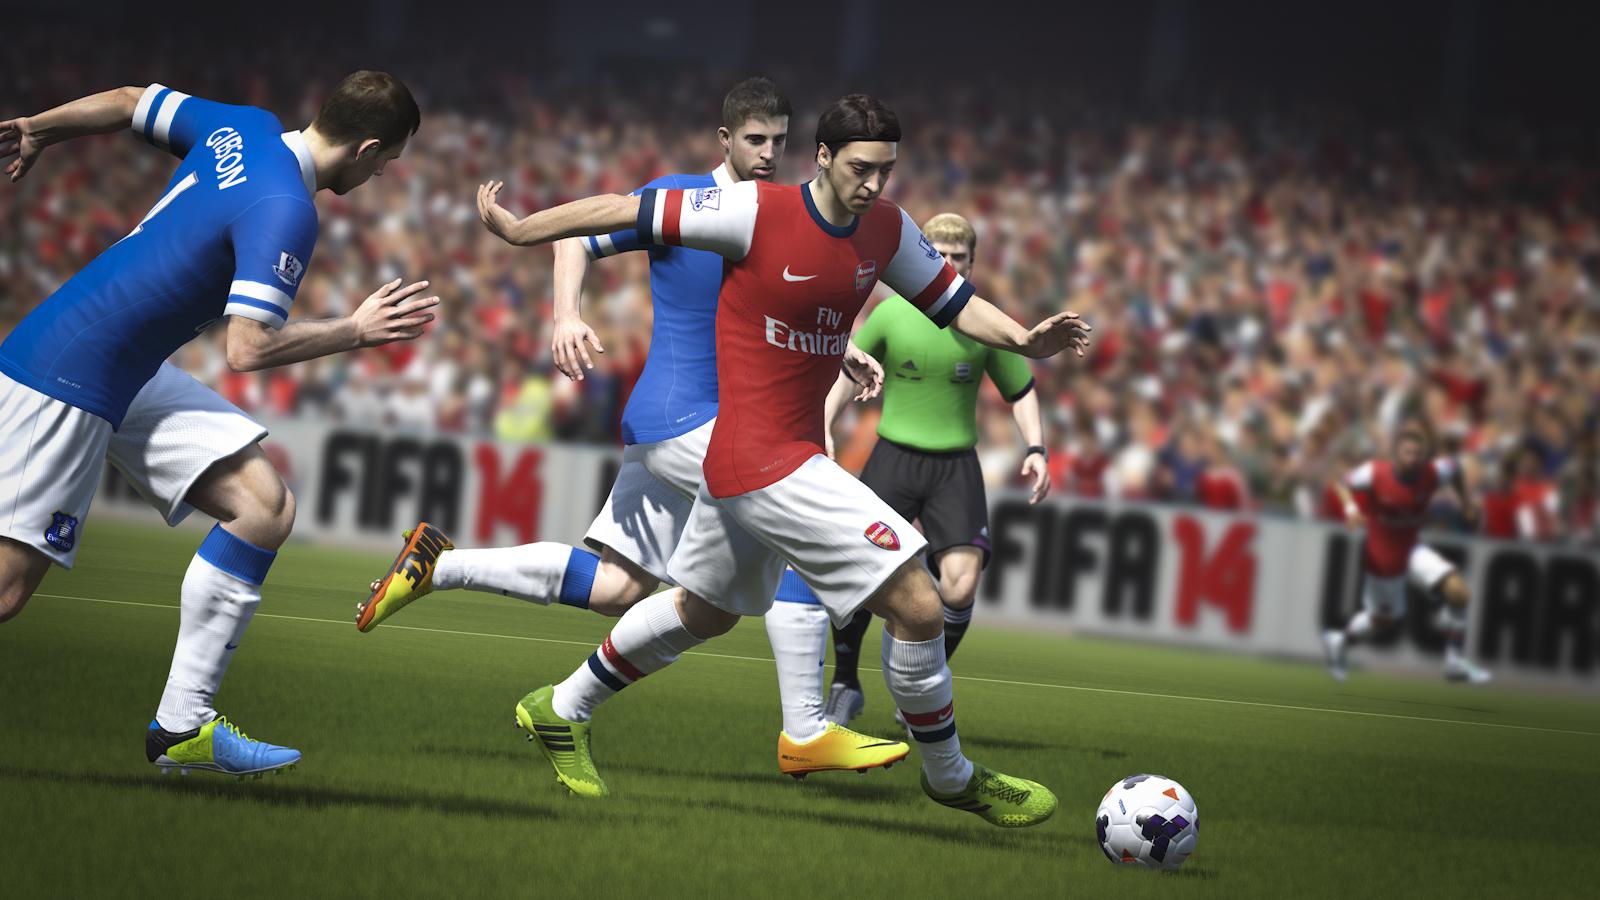 Insólito – FIFA 14 culpado de dois empates no Terceiro escalão inglês